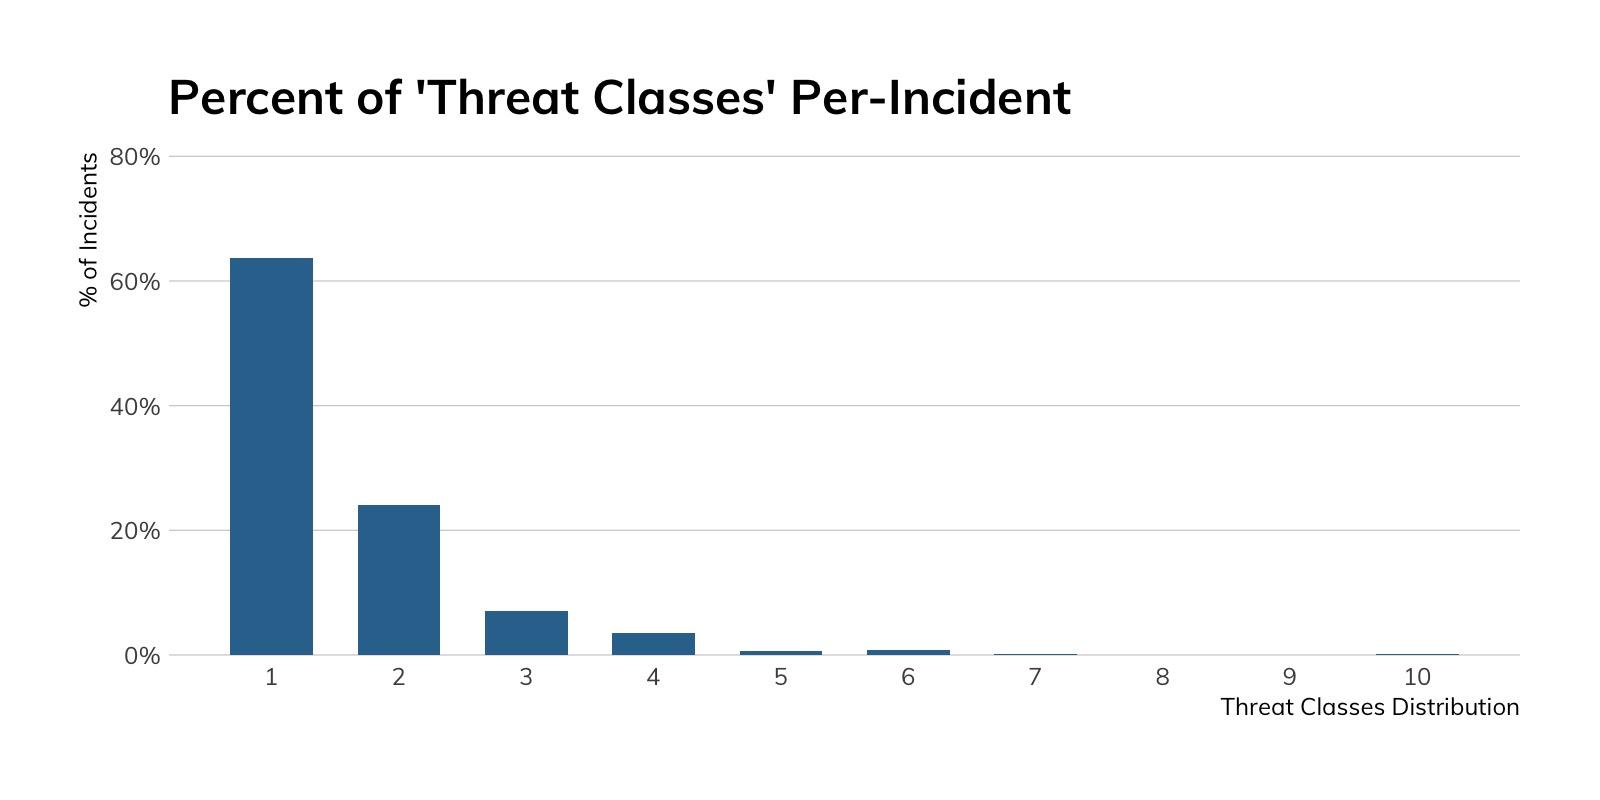 Figure 6: Percent of 'Threat Classes' Per Incident